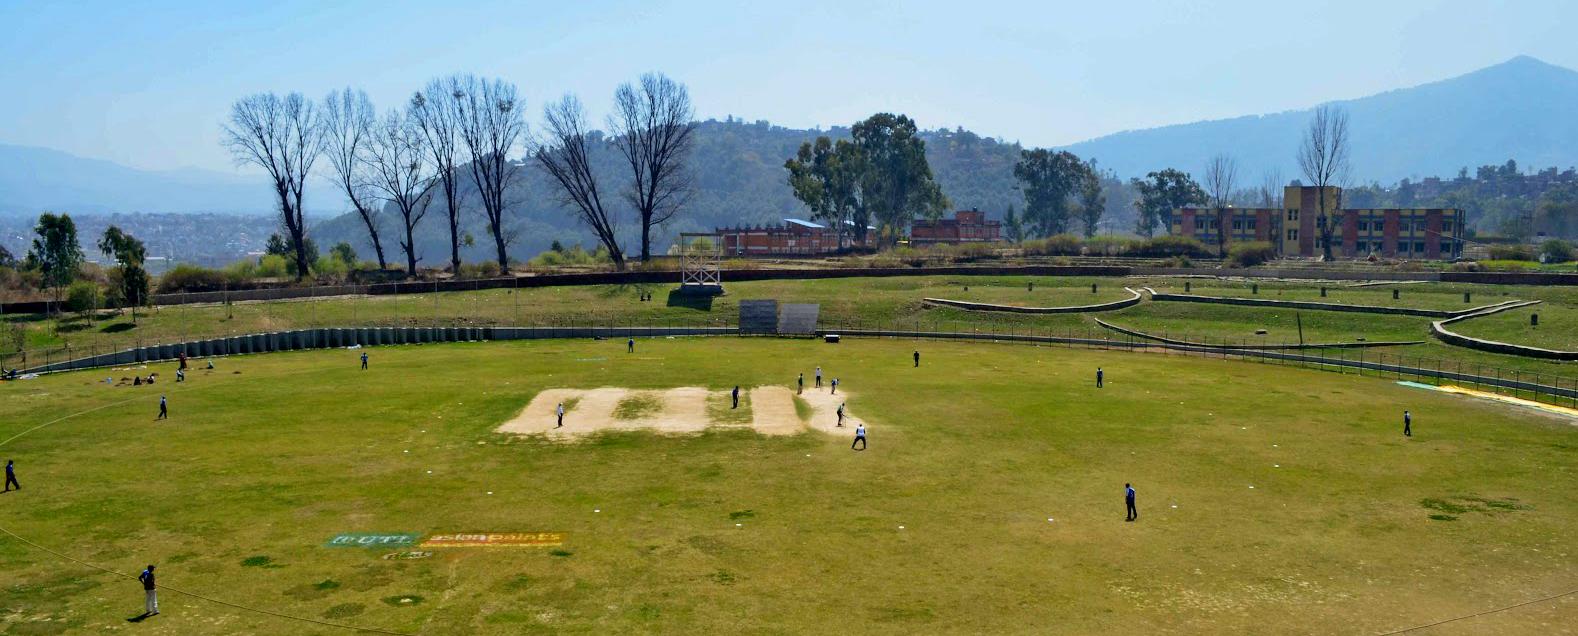 काठमाडौं किर्तीपुरको क्रिकेट खेल मैदान। अन्तराष्ट्रिय स्तरको खेल खेलाउने नेपालमा हाल यो मात्र मैदान रहेको छ। यो मैदान पनि सबै अन्तराष्ट्रिय क्रिकेट मैदानको मापदण्ड अनुसारको छैन।